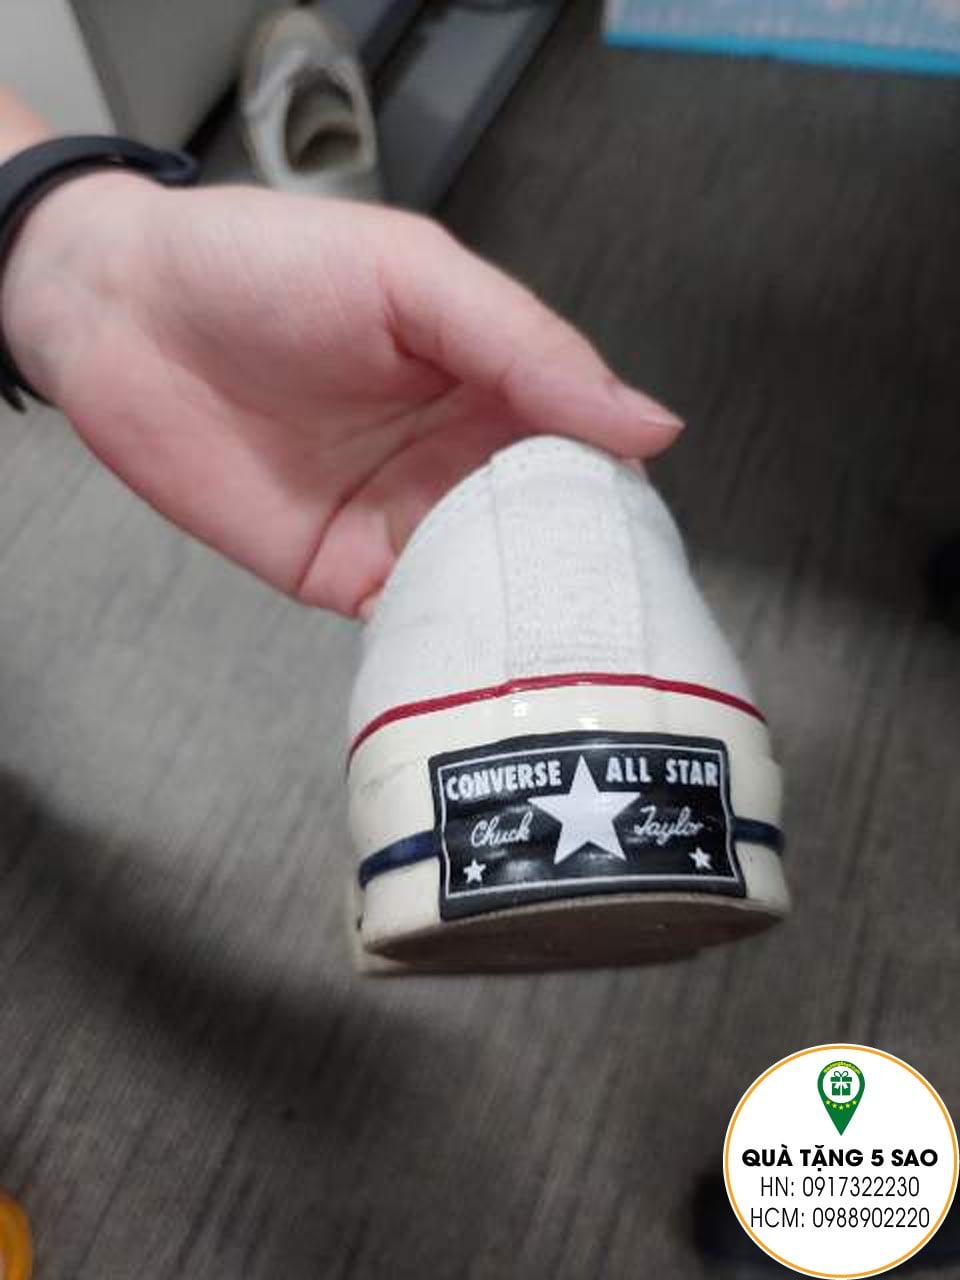 Sử dụng mác cao su dán vào đế giày